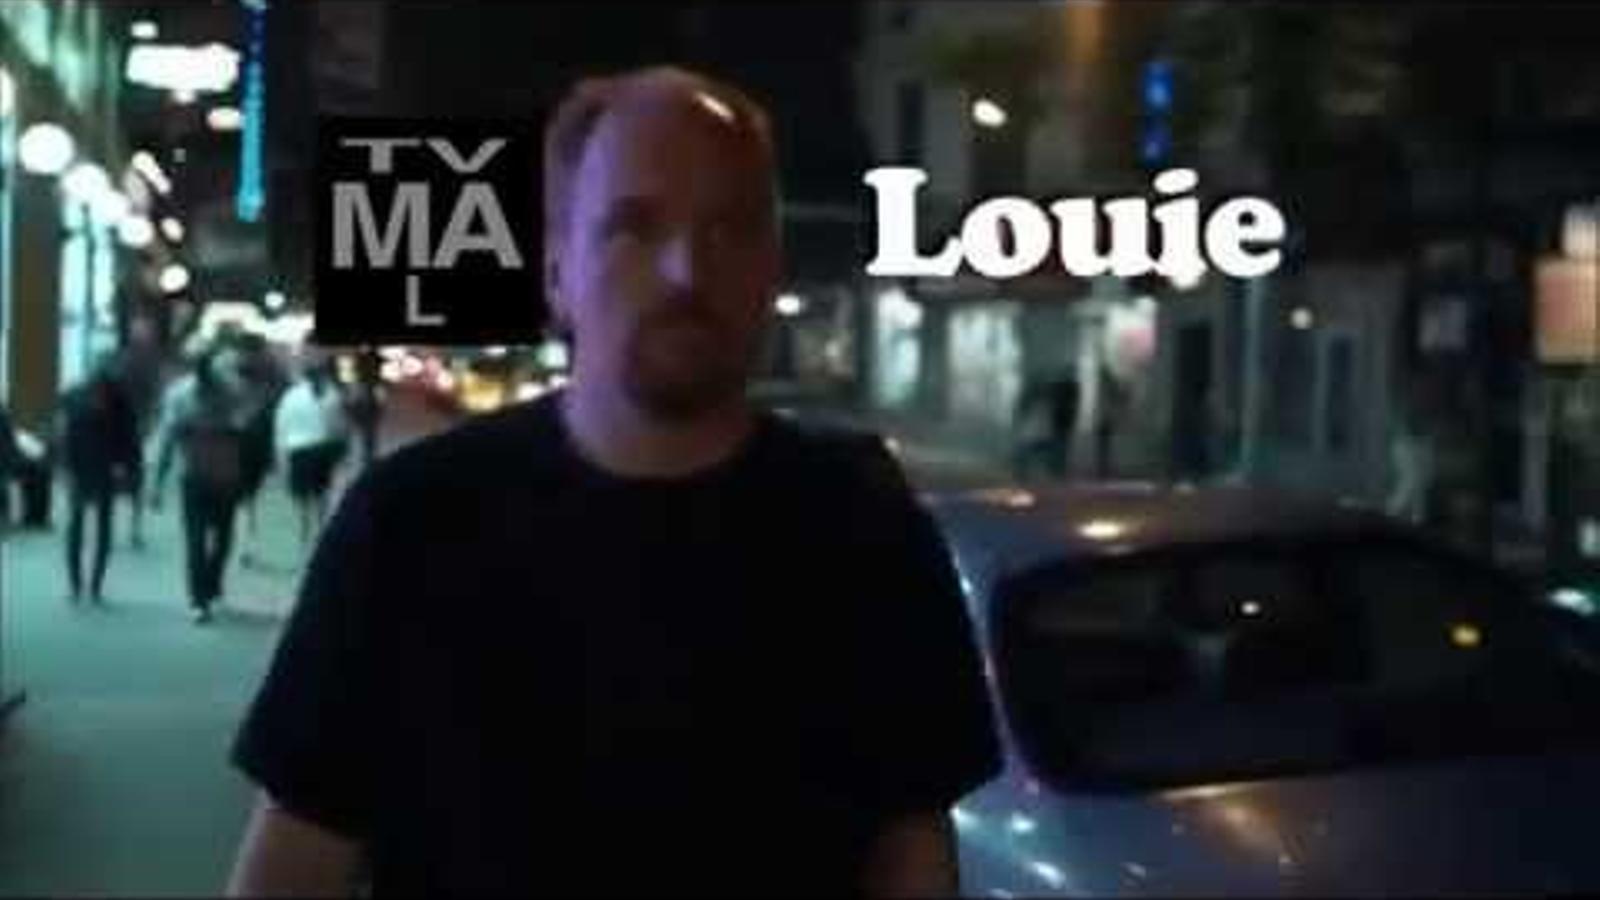 Els crèdits de 'Louie'